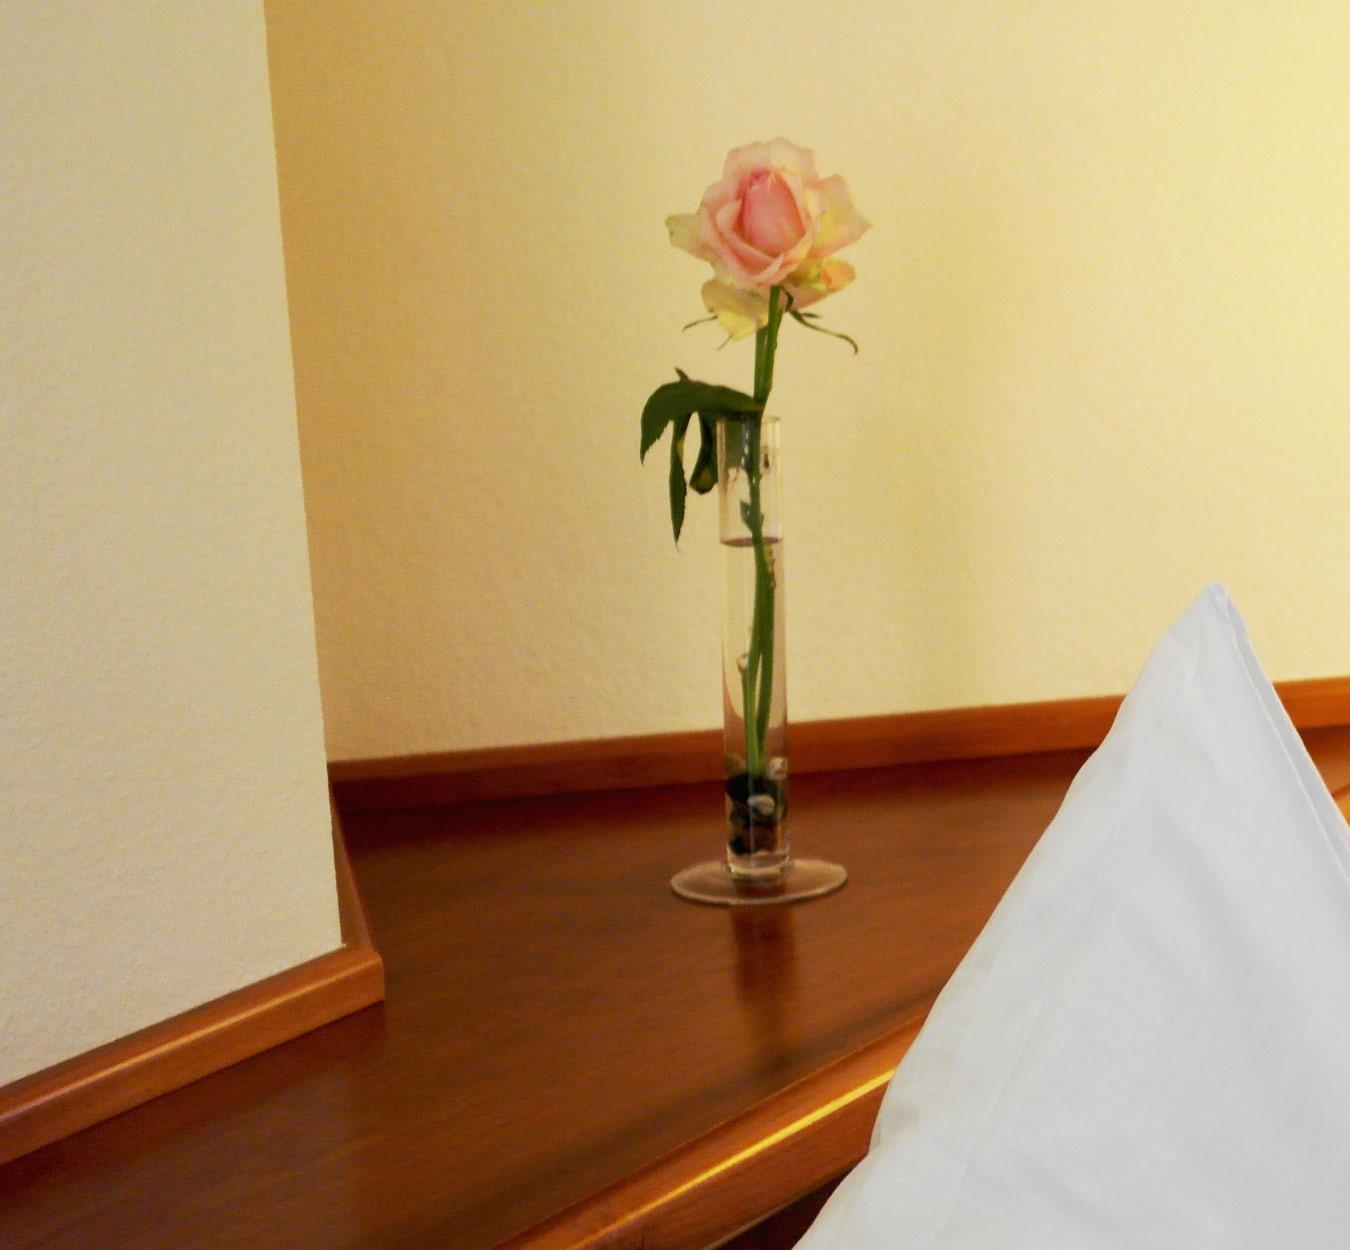 hotel-dz-deluxe-n-detail-3